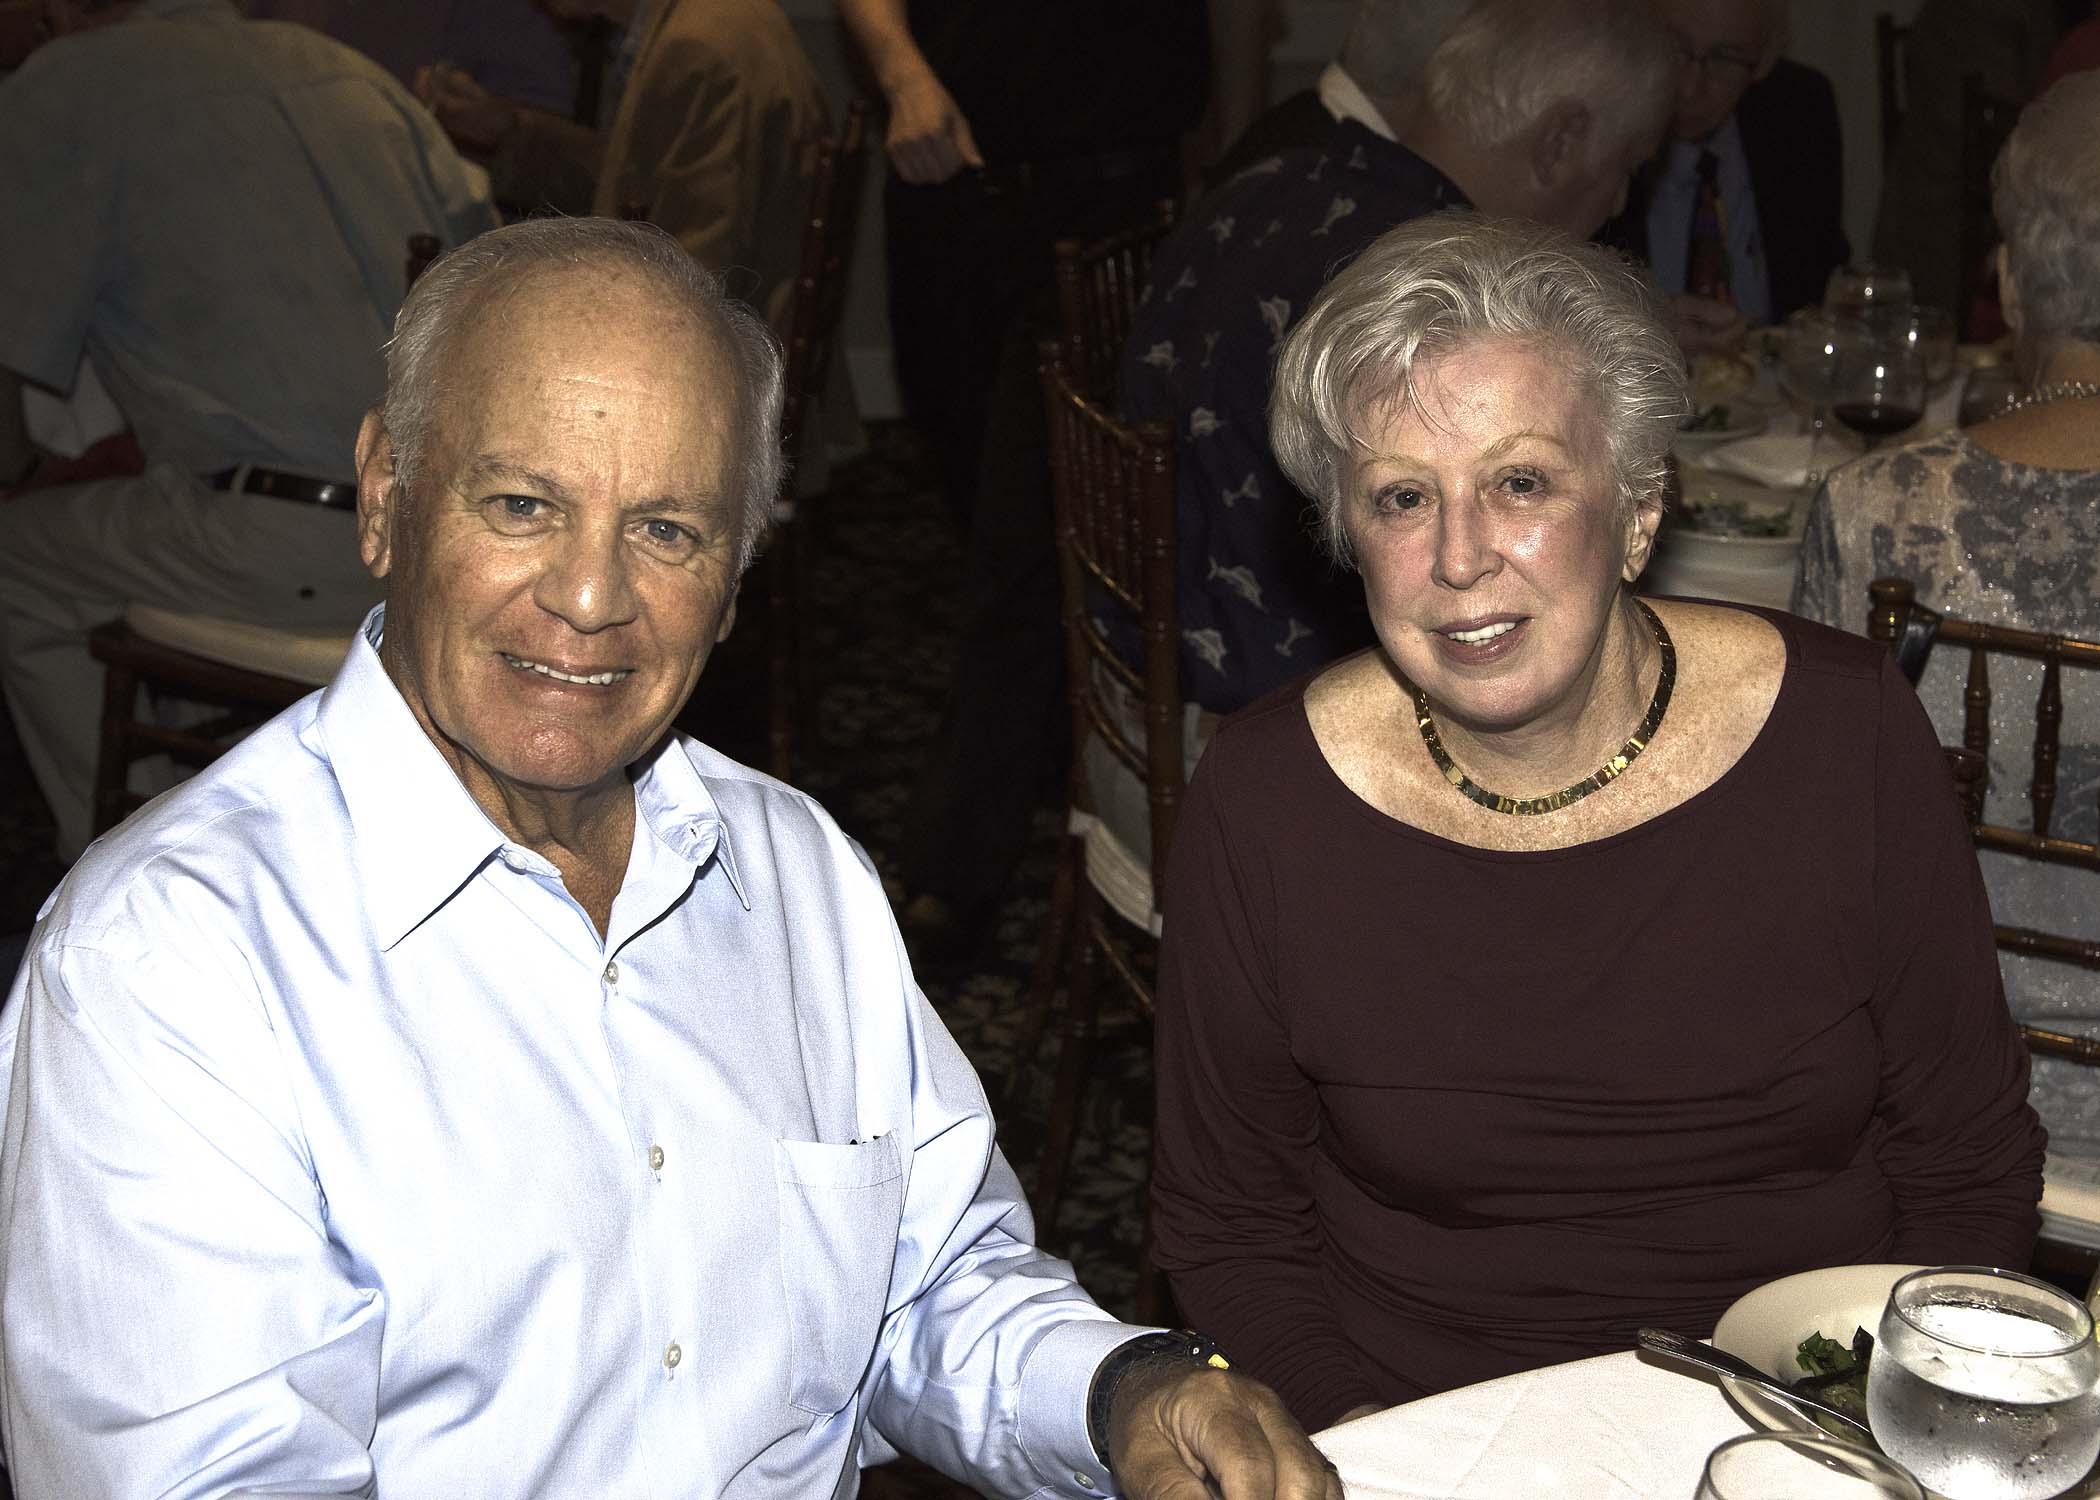 Bob and Patricia Macchia